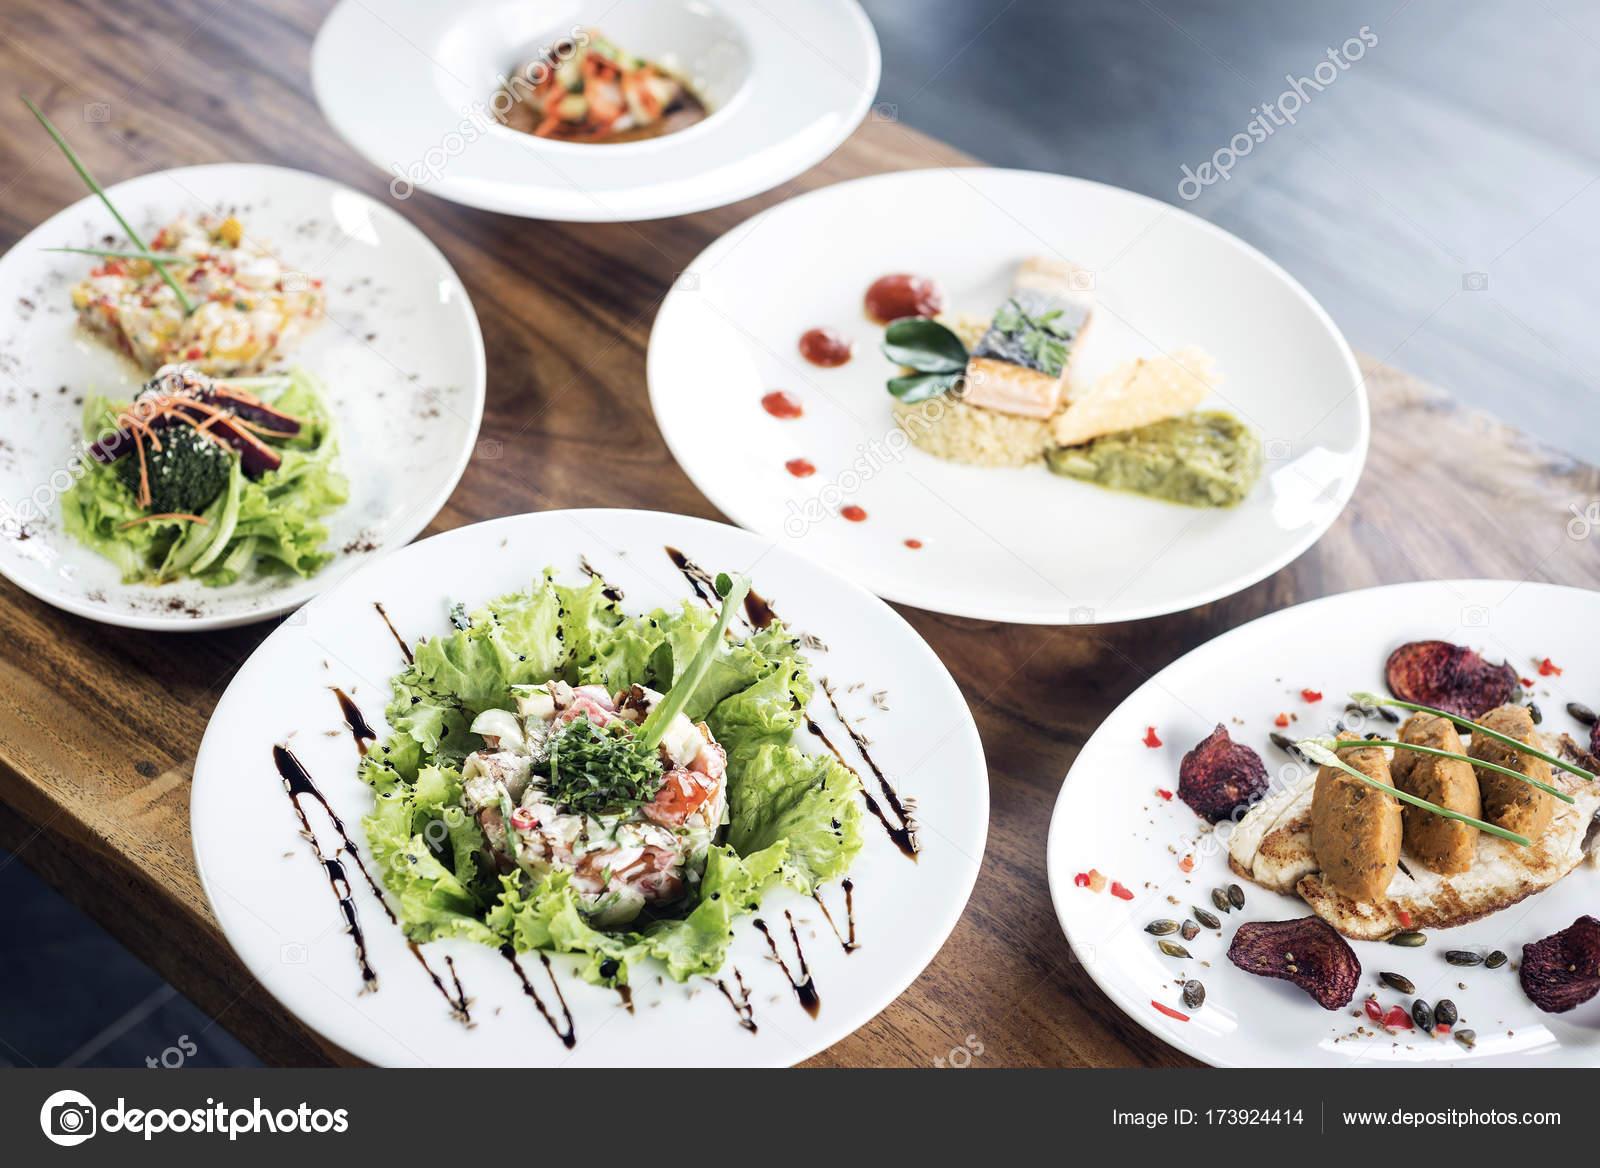 mezcla gourmet moderna fusin platos sobre mesa  Fotos de